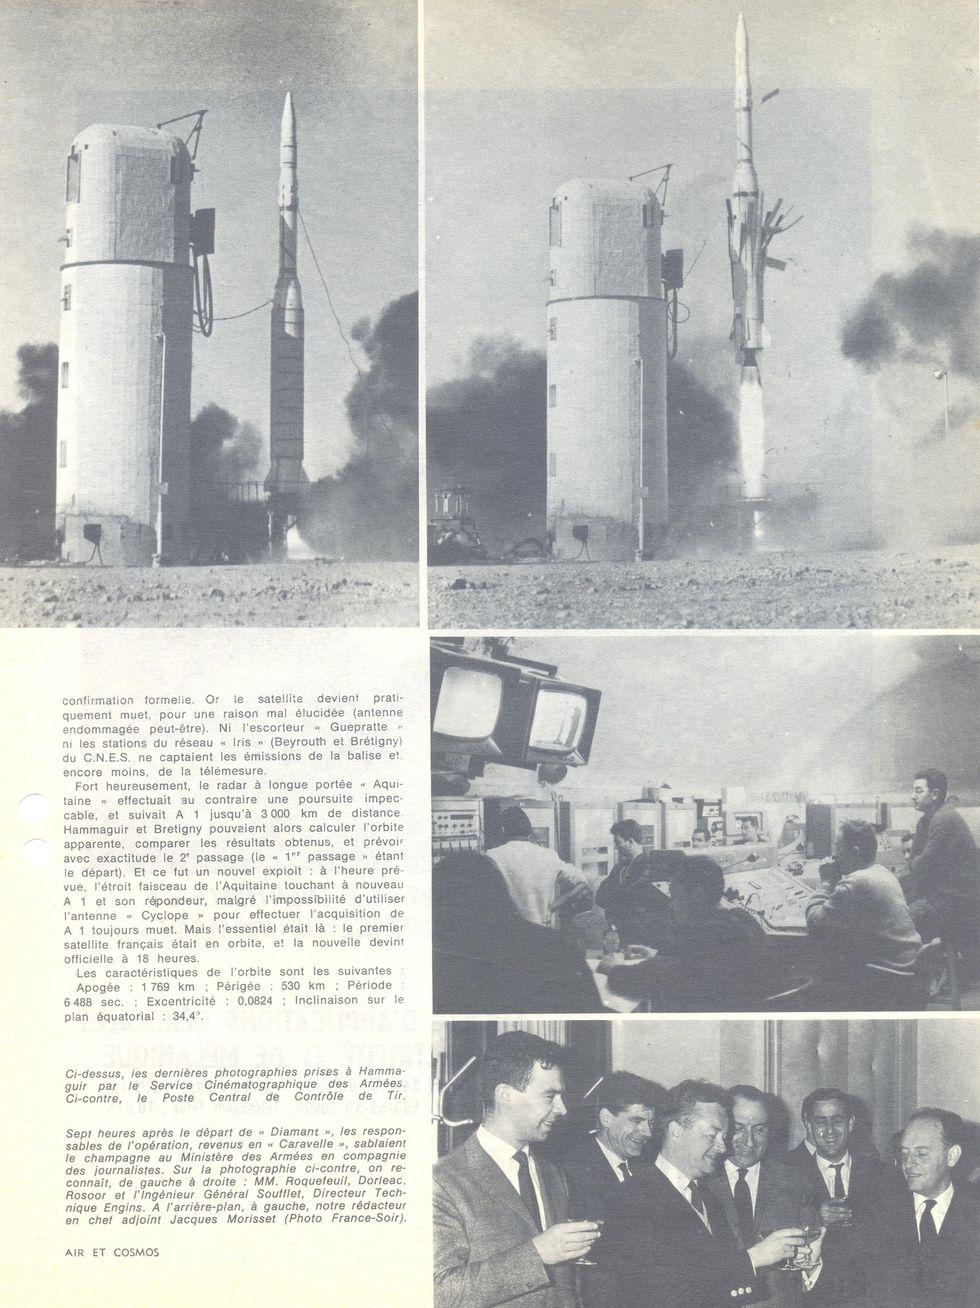 26 novembre 1965 - La France 3ème puissance spatiale 65120411